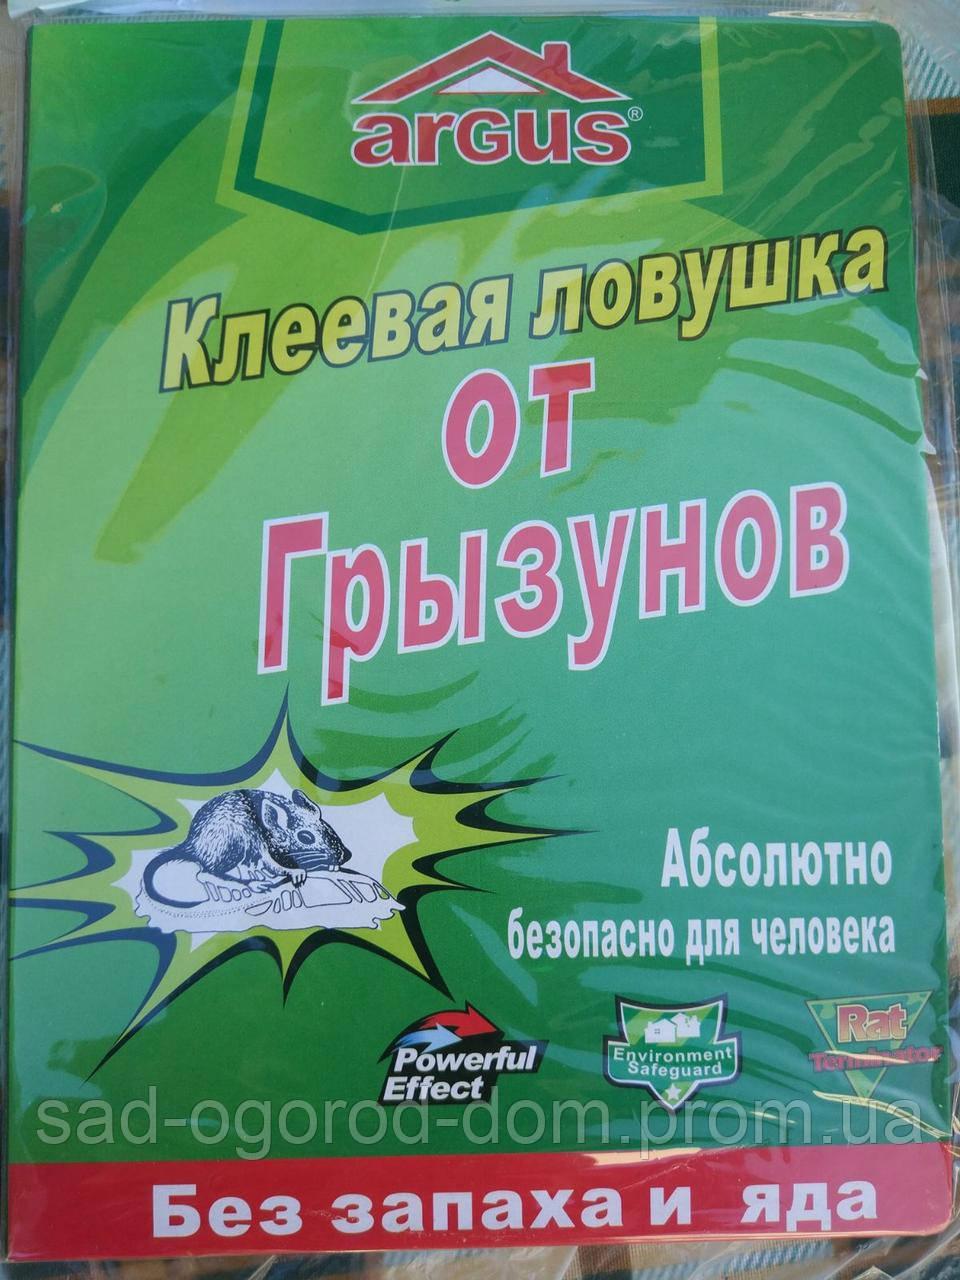 Клеевая ловушка от крыс и мышей 21см*31см (книжка)